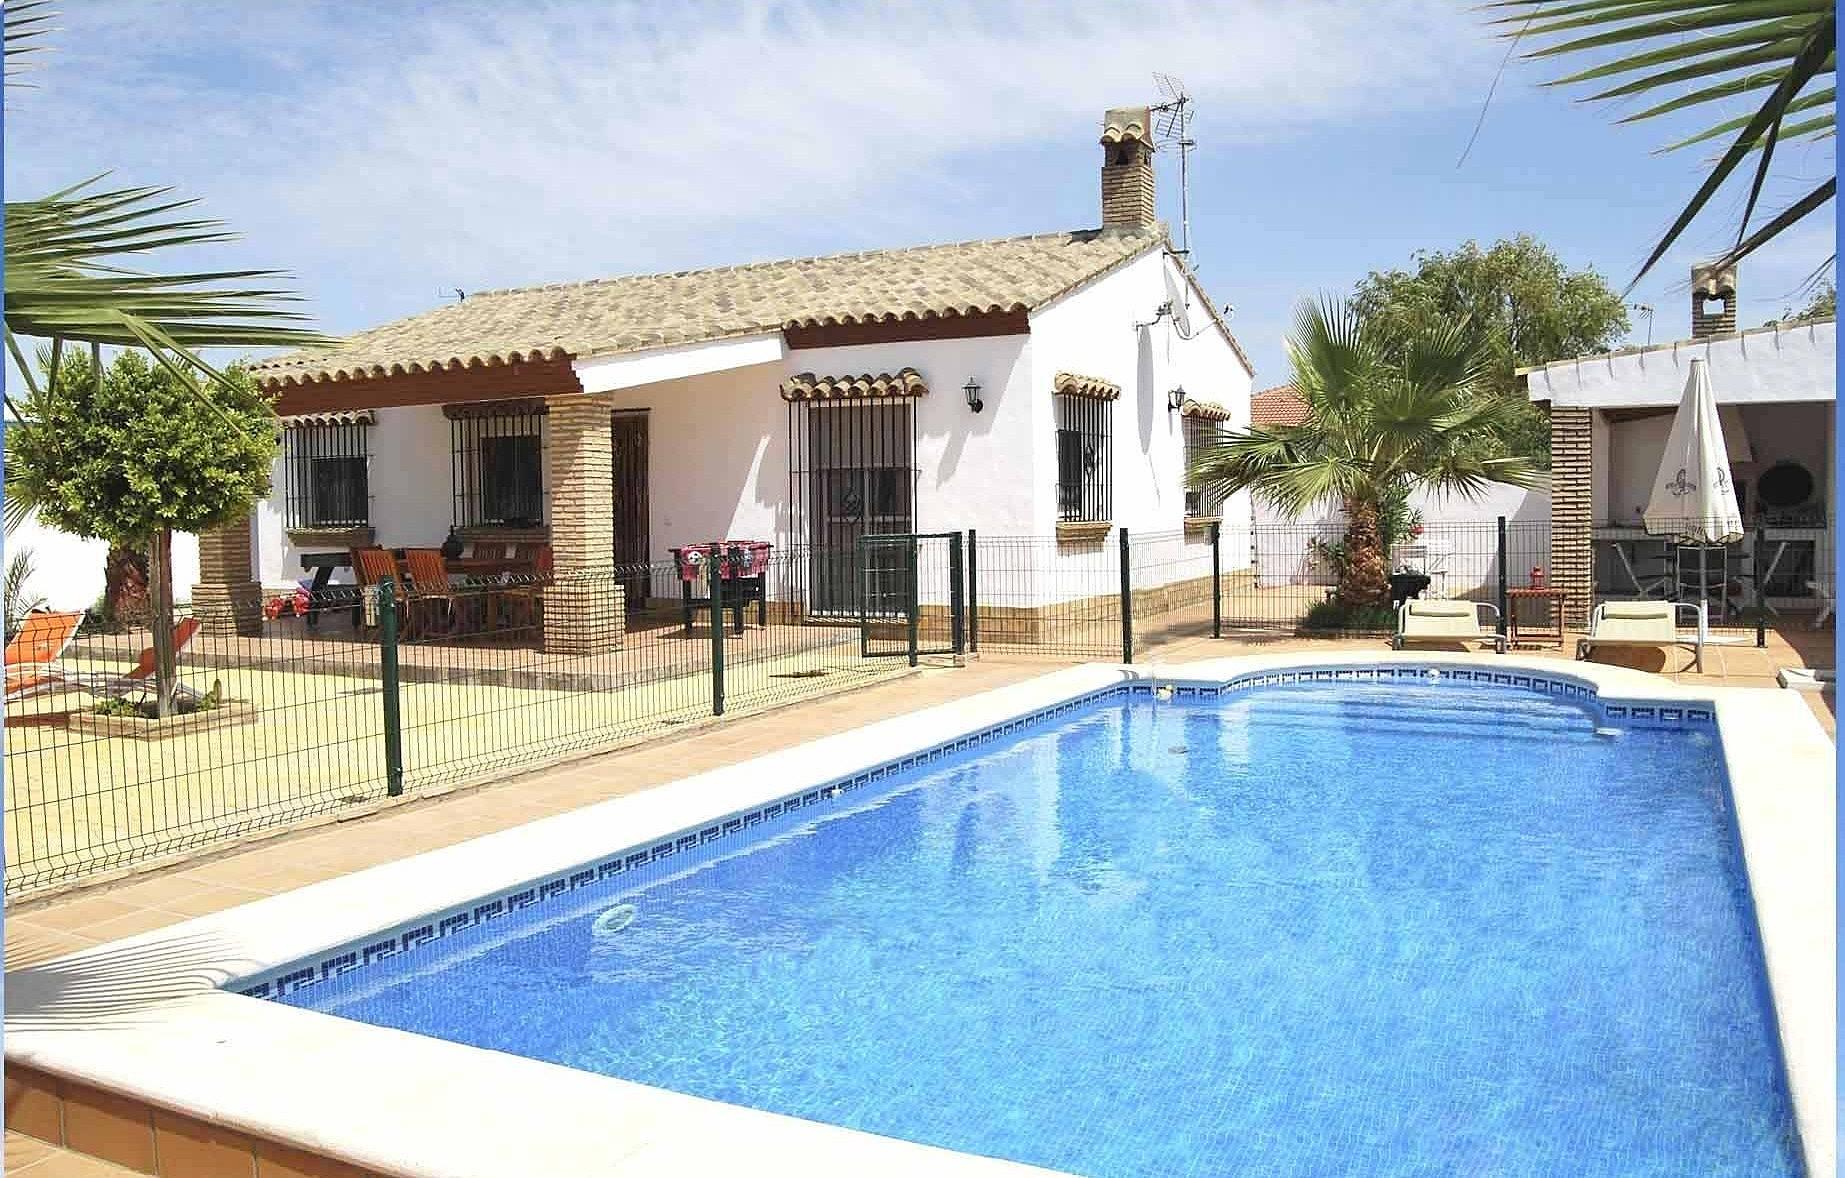 Casa de campo tipo chalet con piscina privada roche for Casas con piscina privada en cadiz